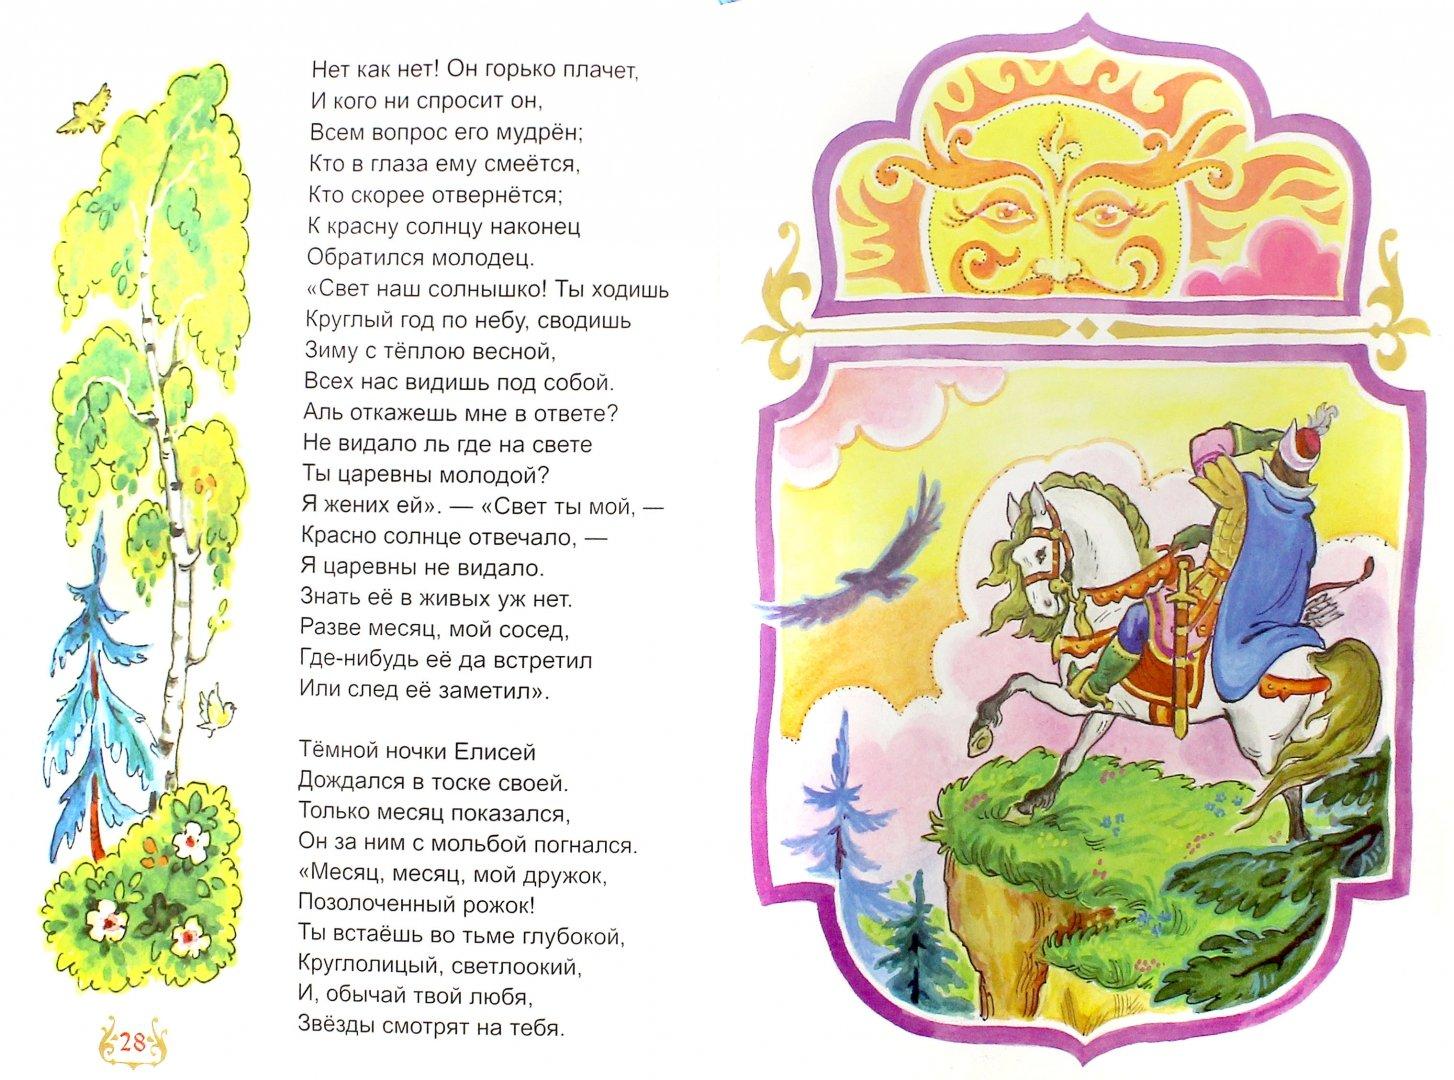 Иллюстрация 1 из 18 для Сказка о мертвой царевне и семи богатырях - Александр Пушкин | Лабиринт - книги. Источник: Лабиринт